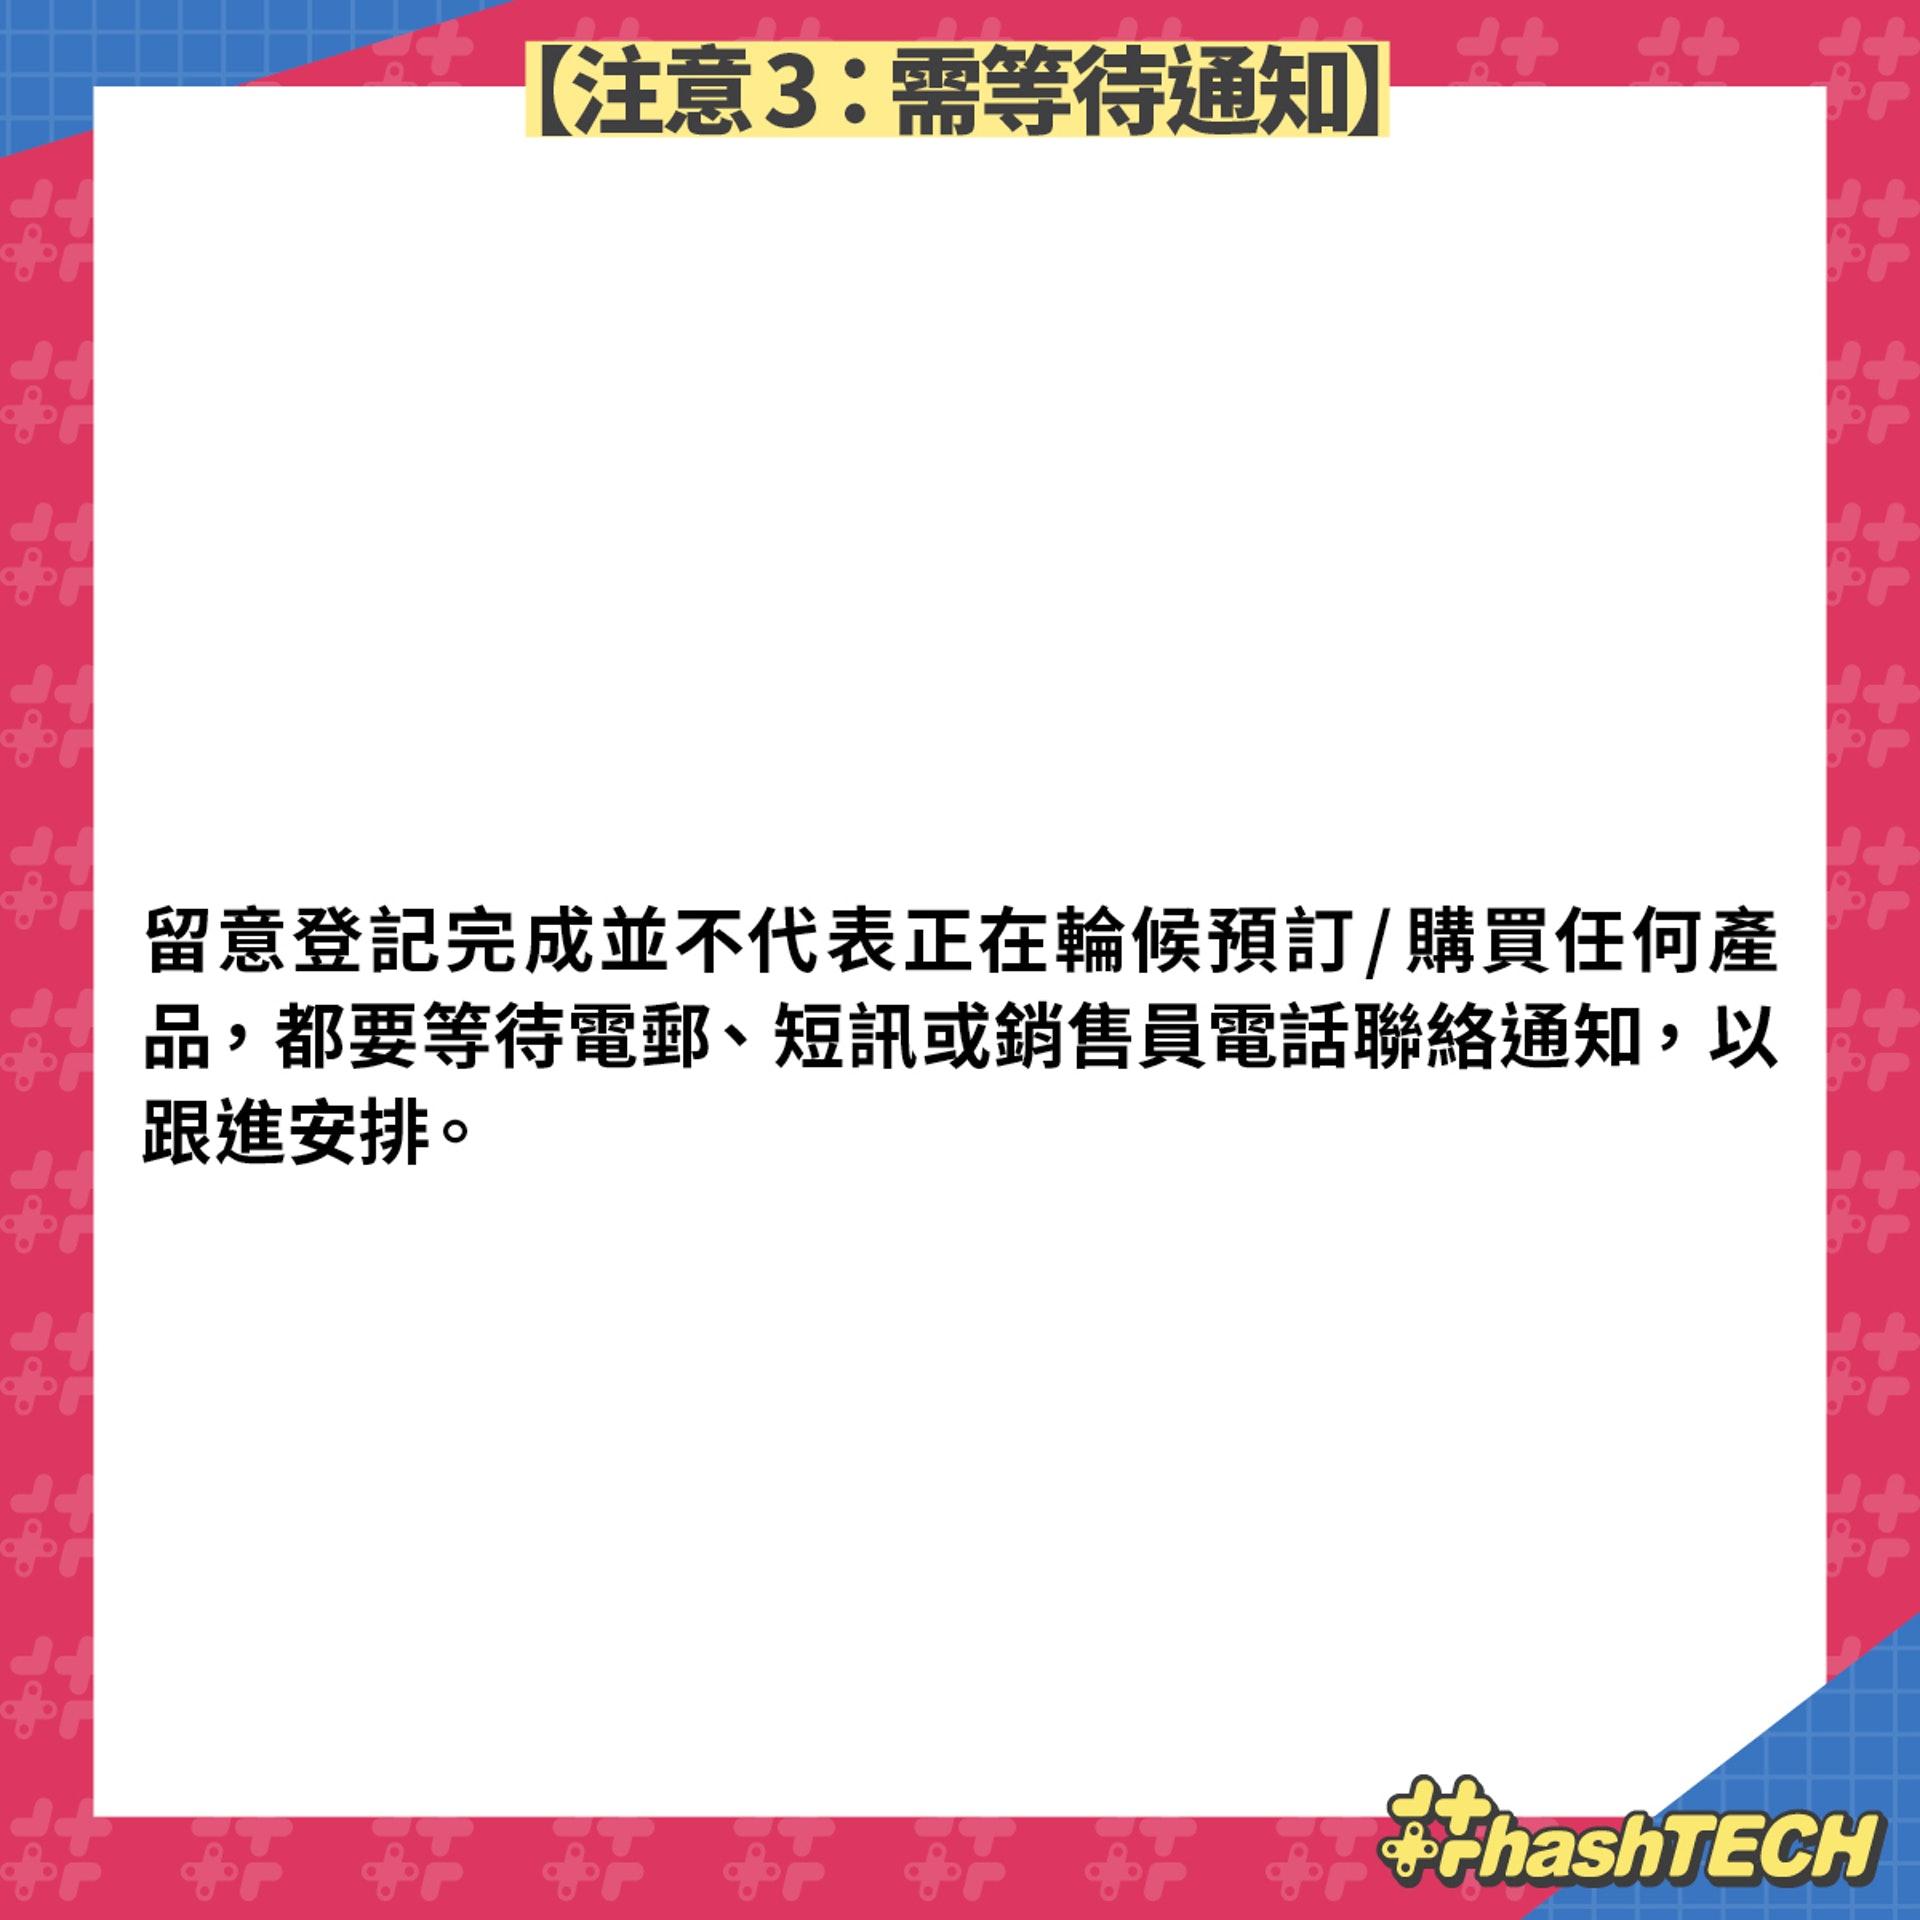 【香港寬頻-- 5G 機王】(《香港01》美術部製圖)